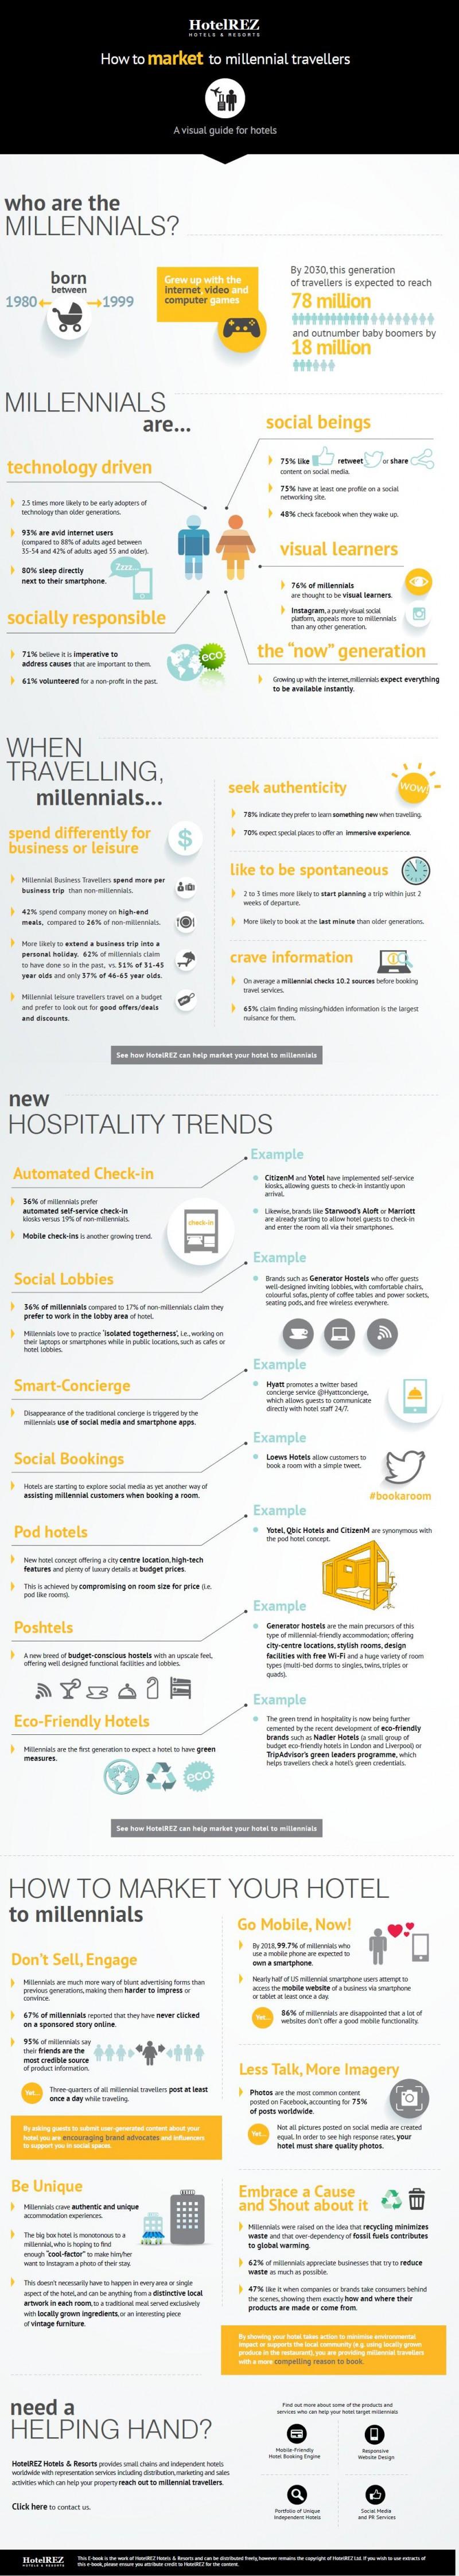 Infografía de HotelREZ sobre las características del nicho de mercado de los Millennials.